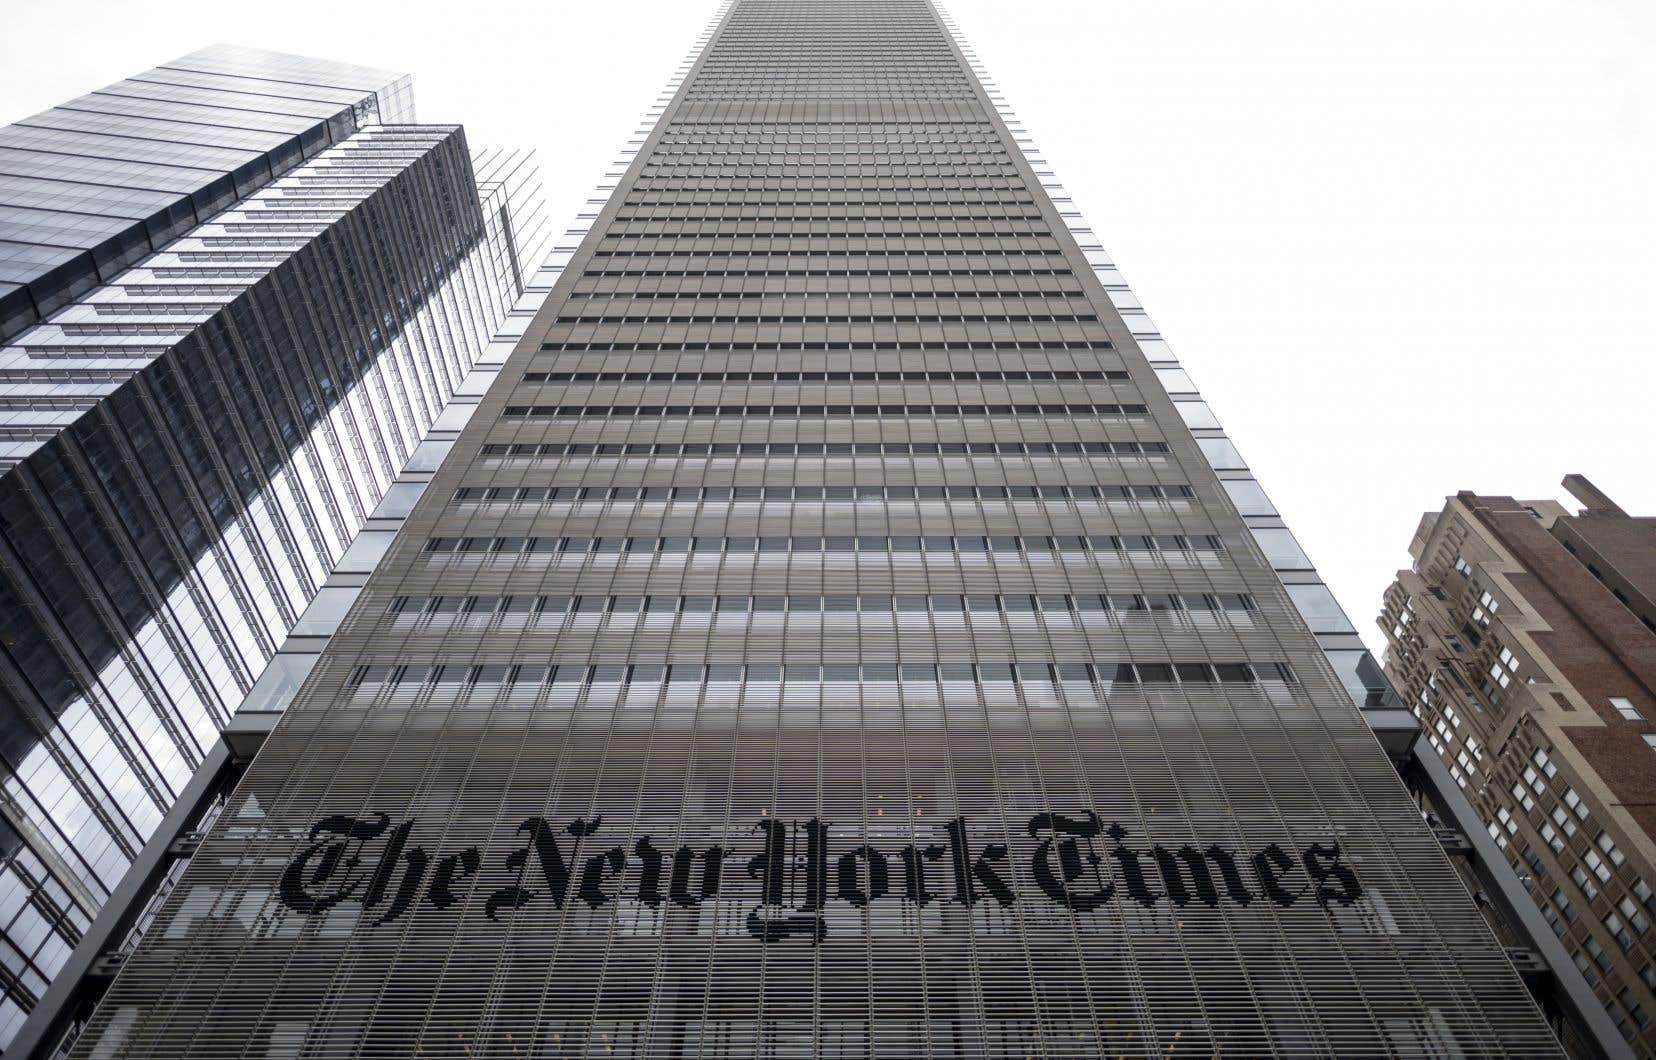 L'éditeur du «New York Times», Dean Baquet, revient en détail sur l'affaire dans un nouvel épisode de «Caliphate», où il explique que le «Times» s'est rendu coupable, selon lui, d'une «défaillance institutionnelle».